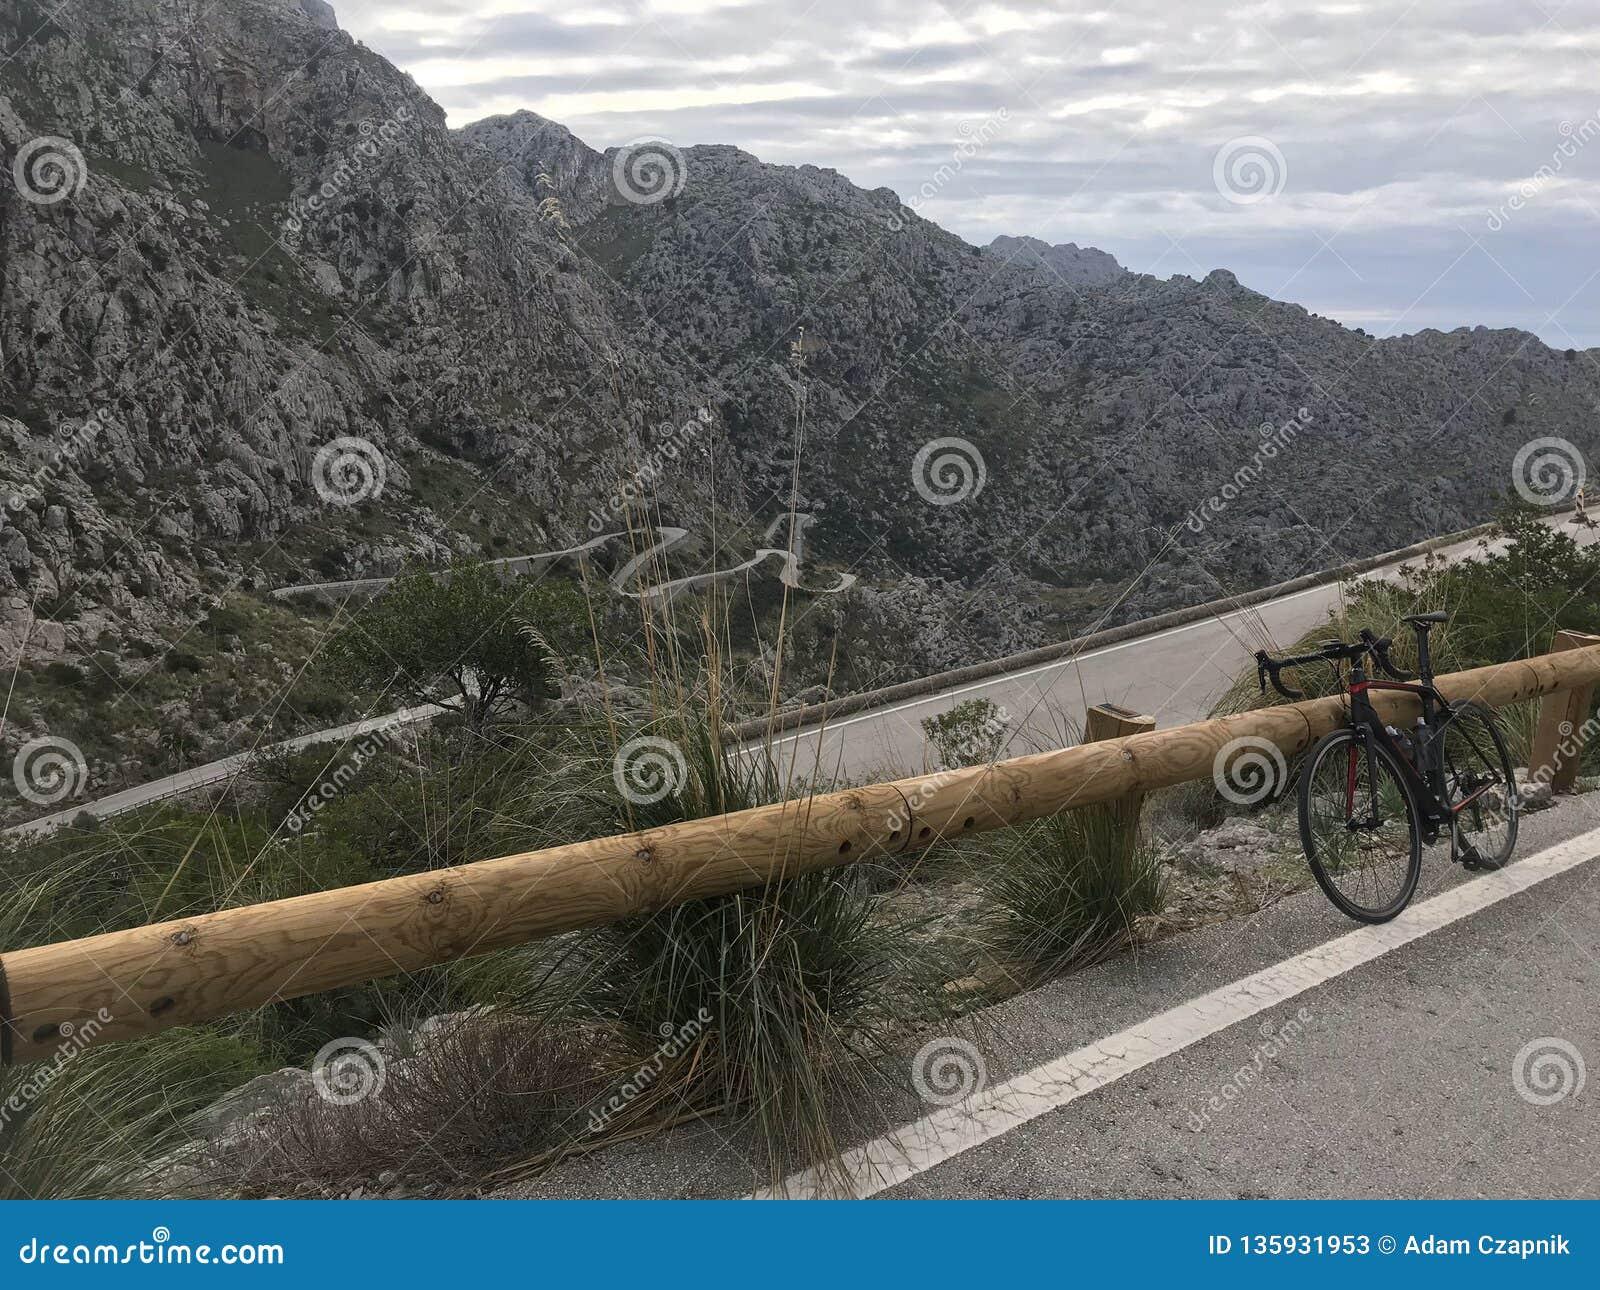 S?awna w??owata droga Sa Calobra, Mallorca